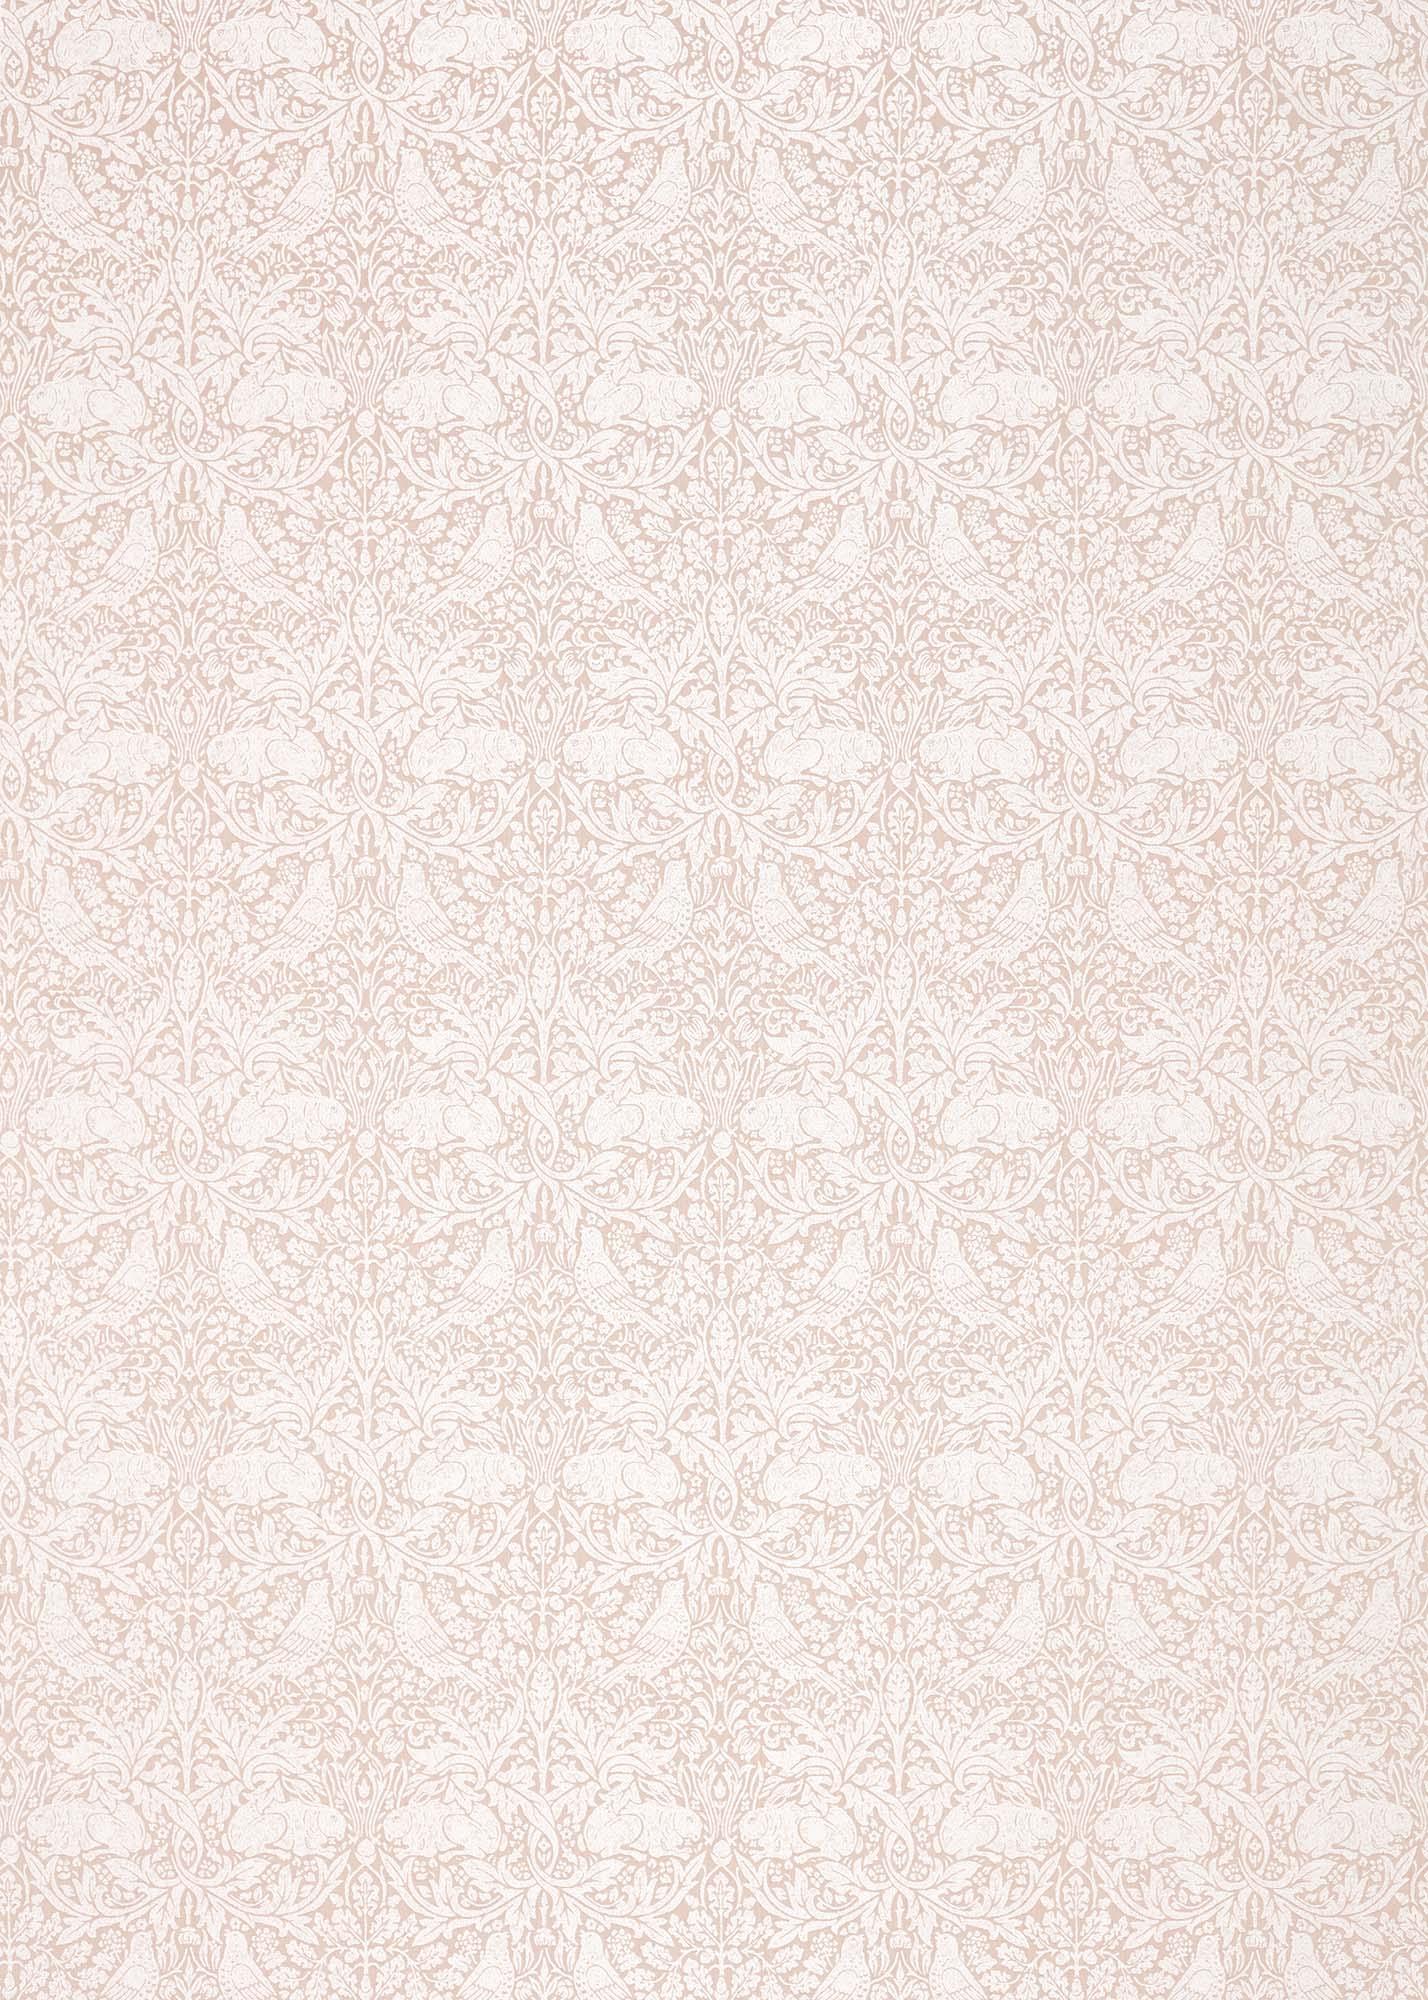 ウィリアムモリス生地 Pure Brer Rabbit Weave 236628